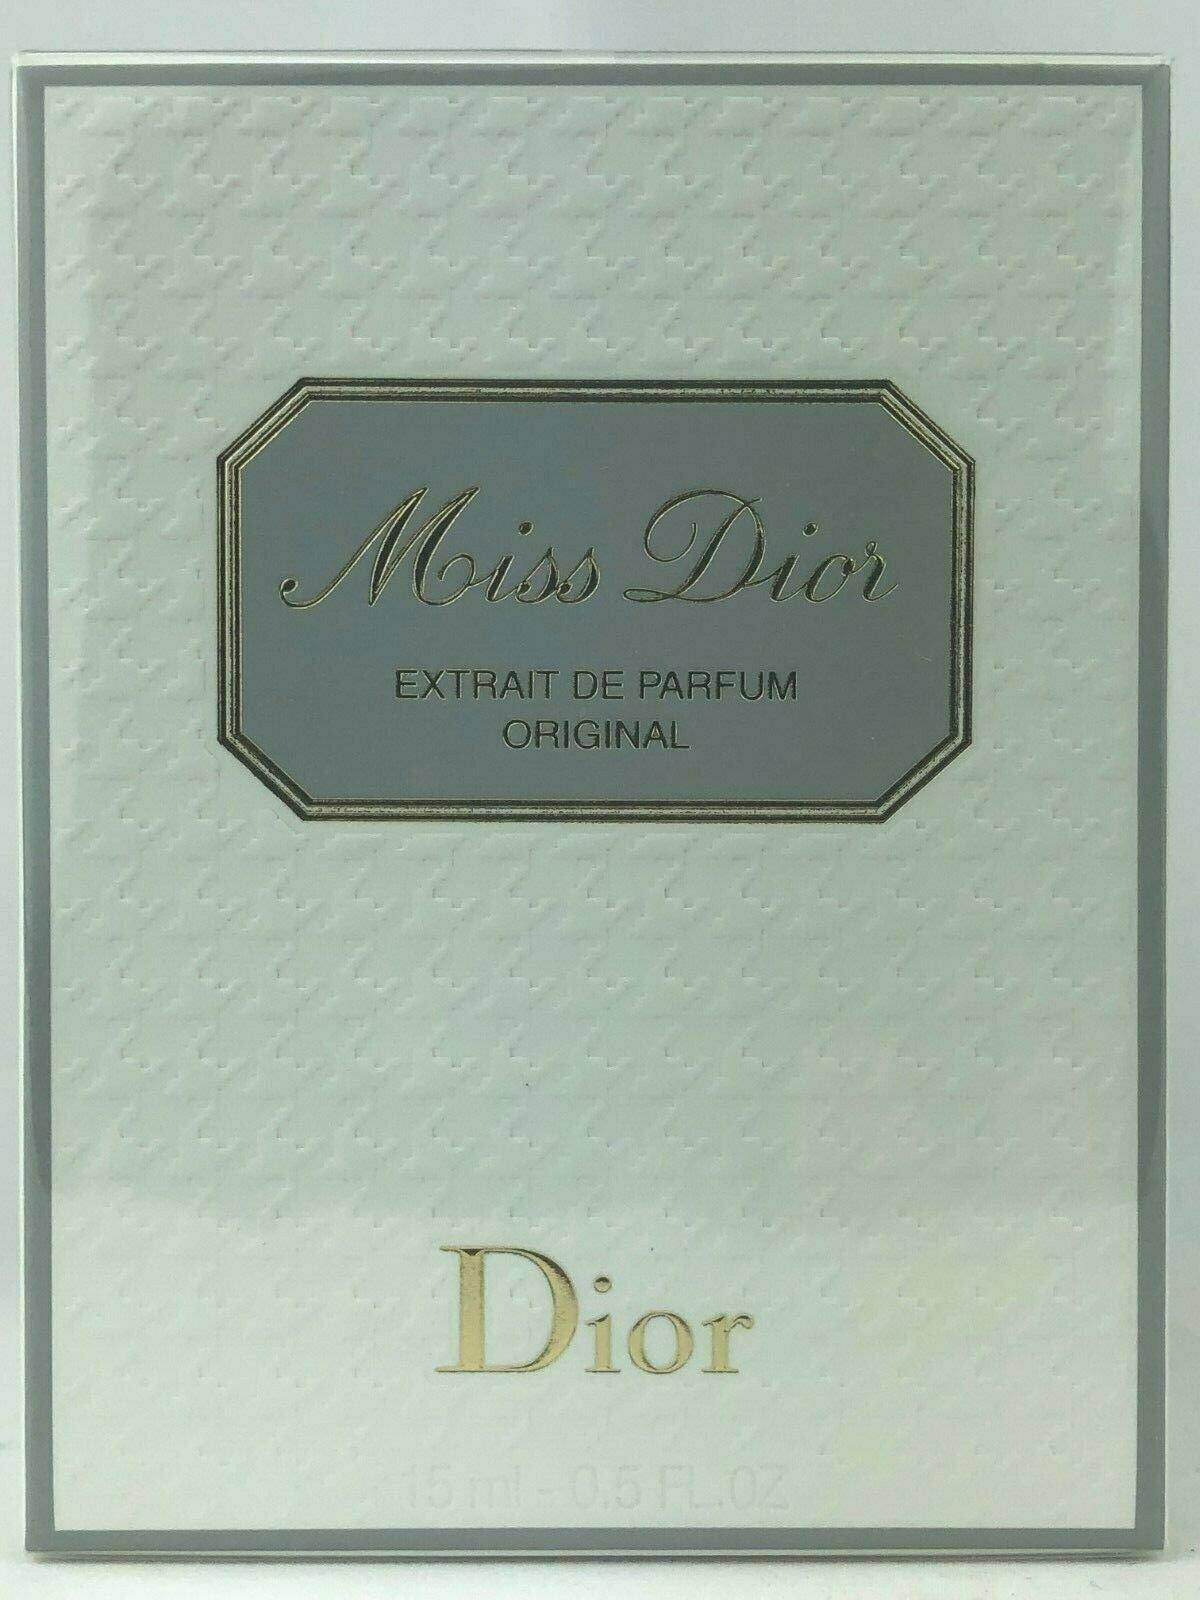 Dior-Miss-Dior-Original-EXTRAIT-DE-PARFUM-15ml-5oz-Sealed-Authentic-amp-fast